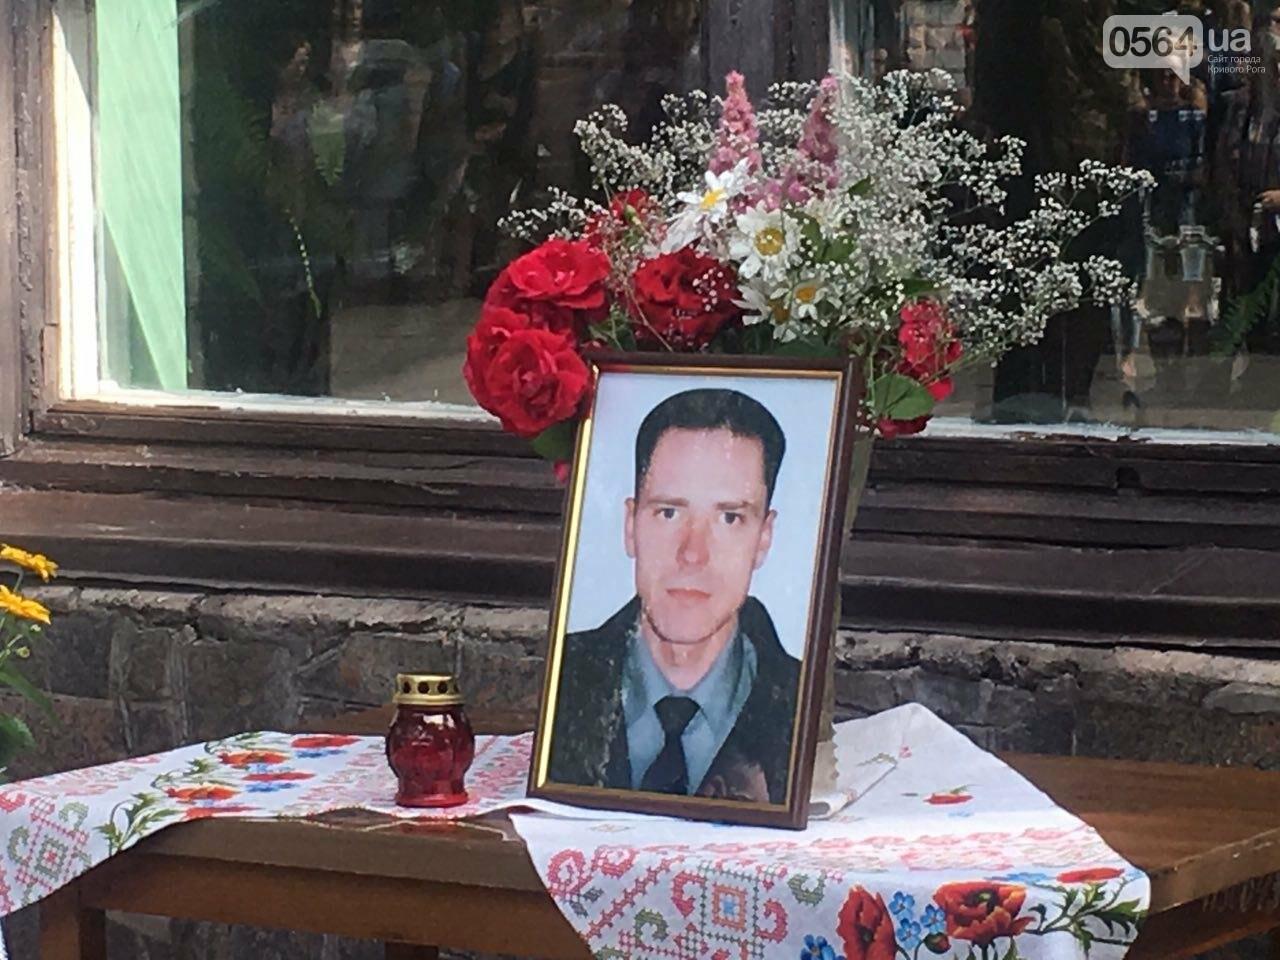 В Кривом Роге память о погибшем бойце АТО увековечили в граните, - ФОТО, ВИДЕО, фото-1